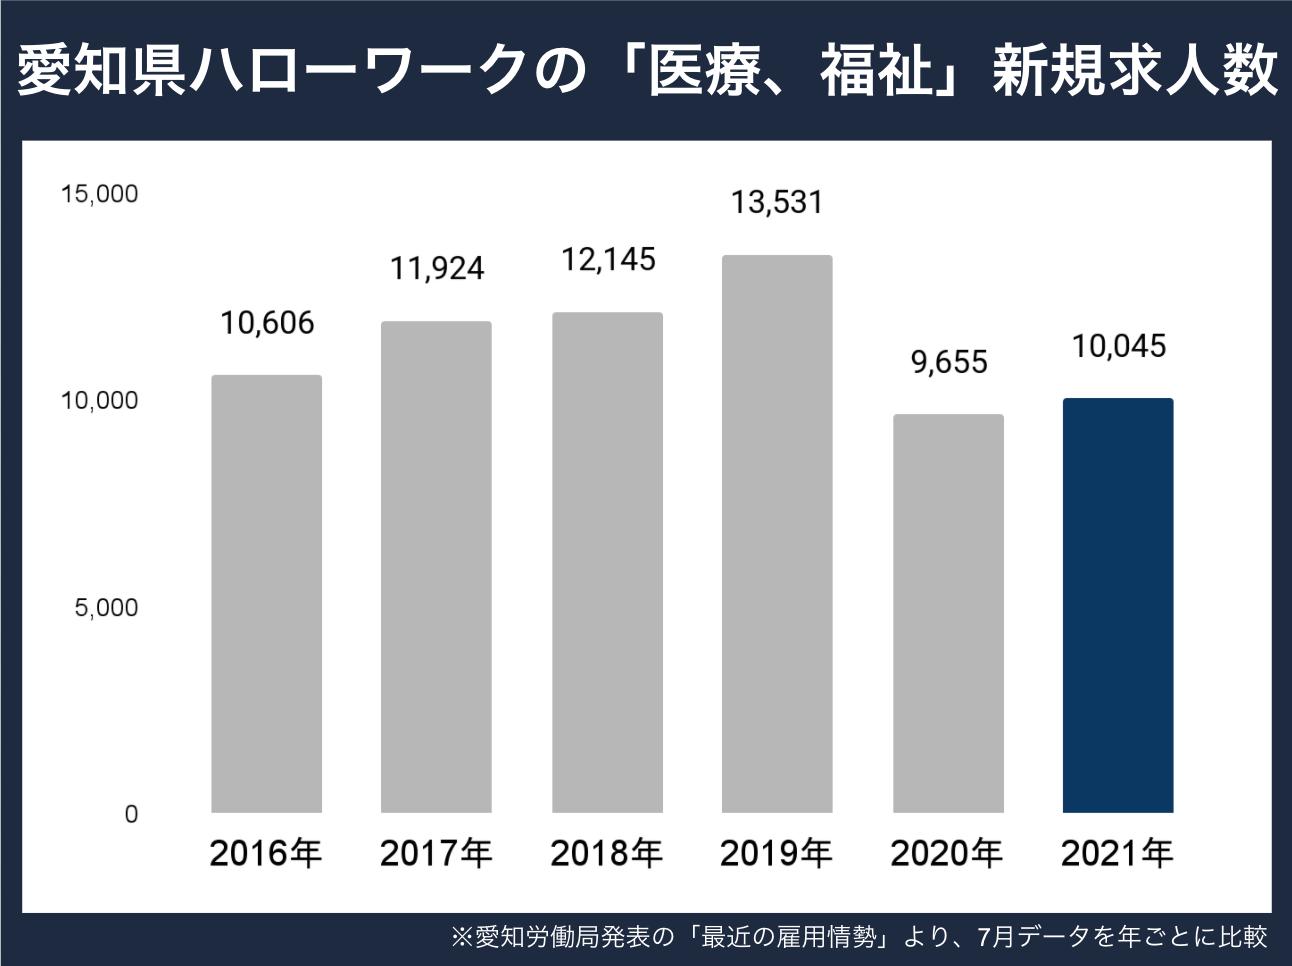 愛知県新規求人数